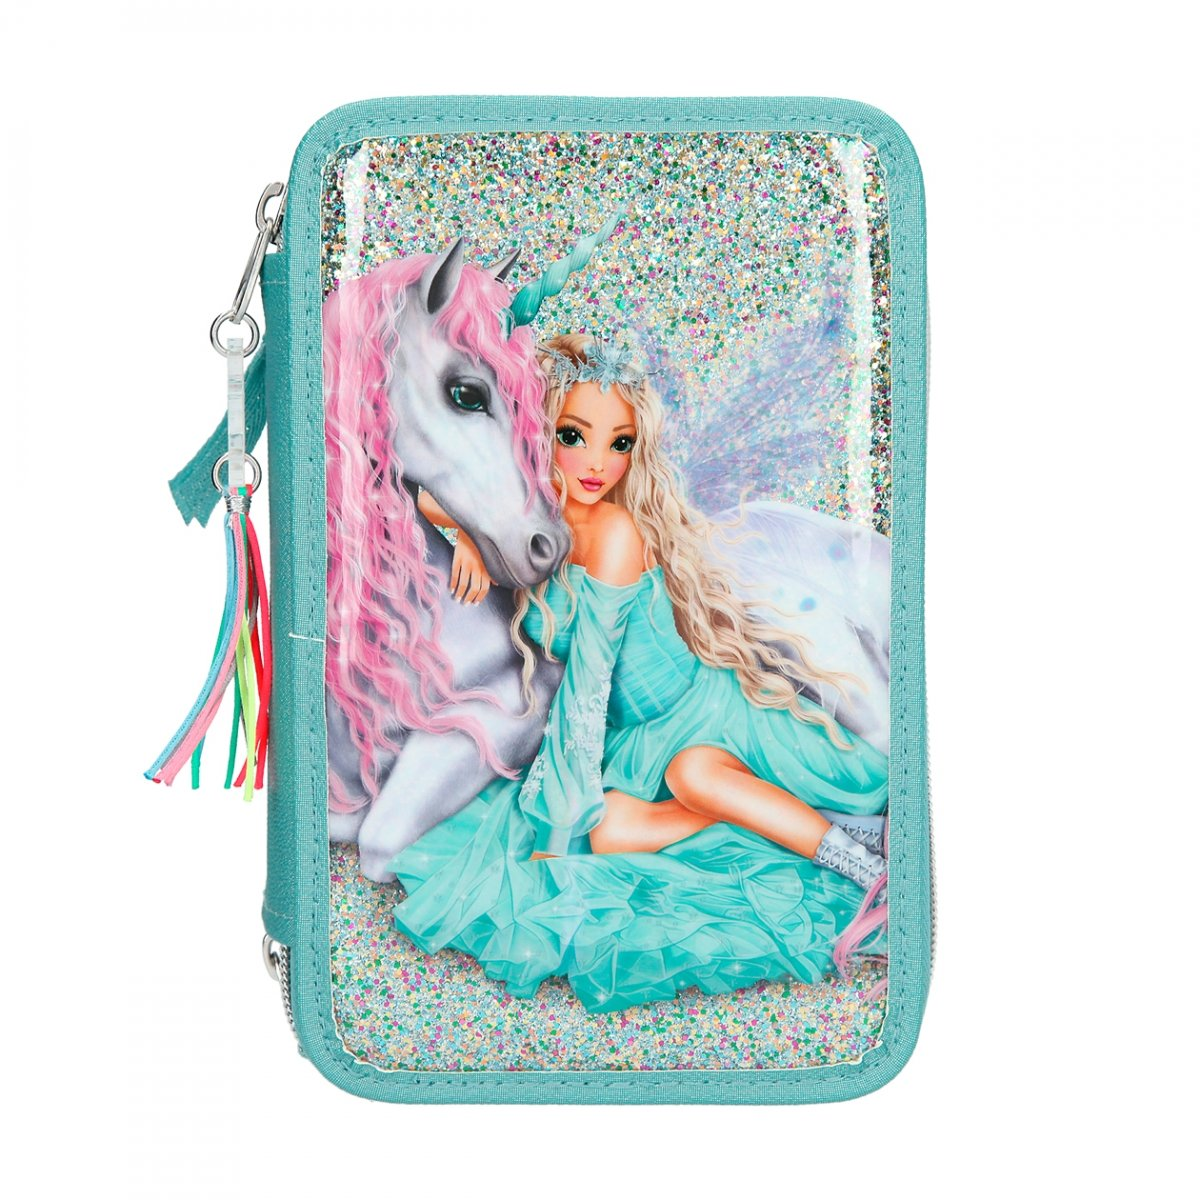 Top Model - Fantasy Trippel Pencil Case - Icefriends (11180)